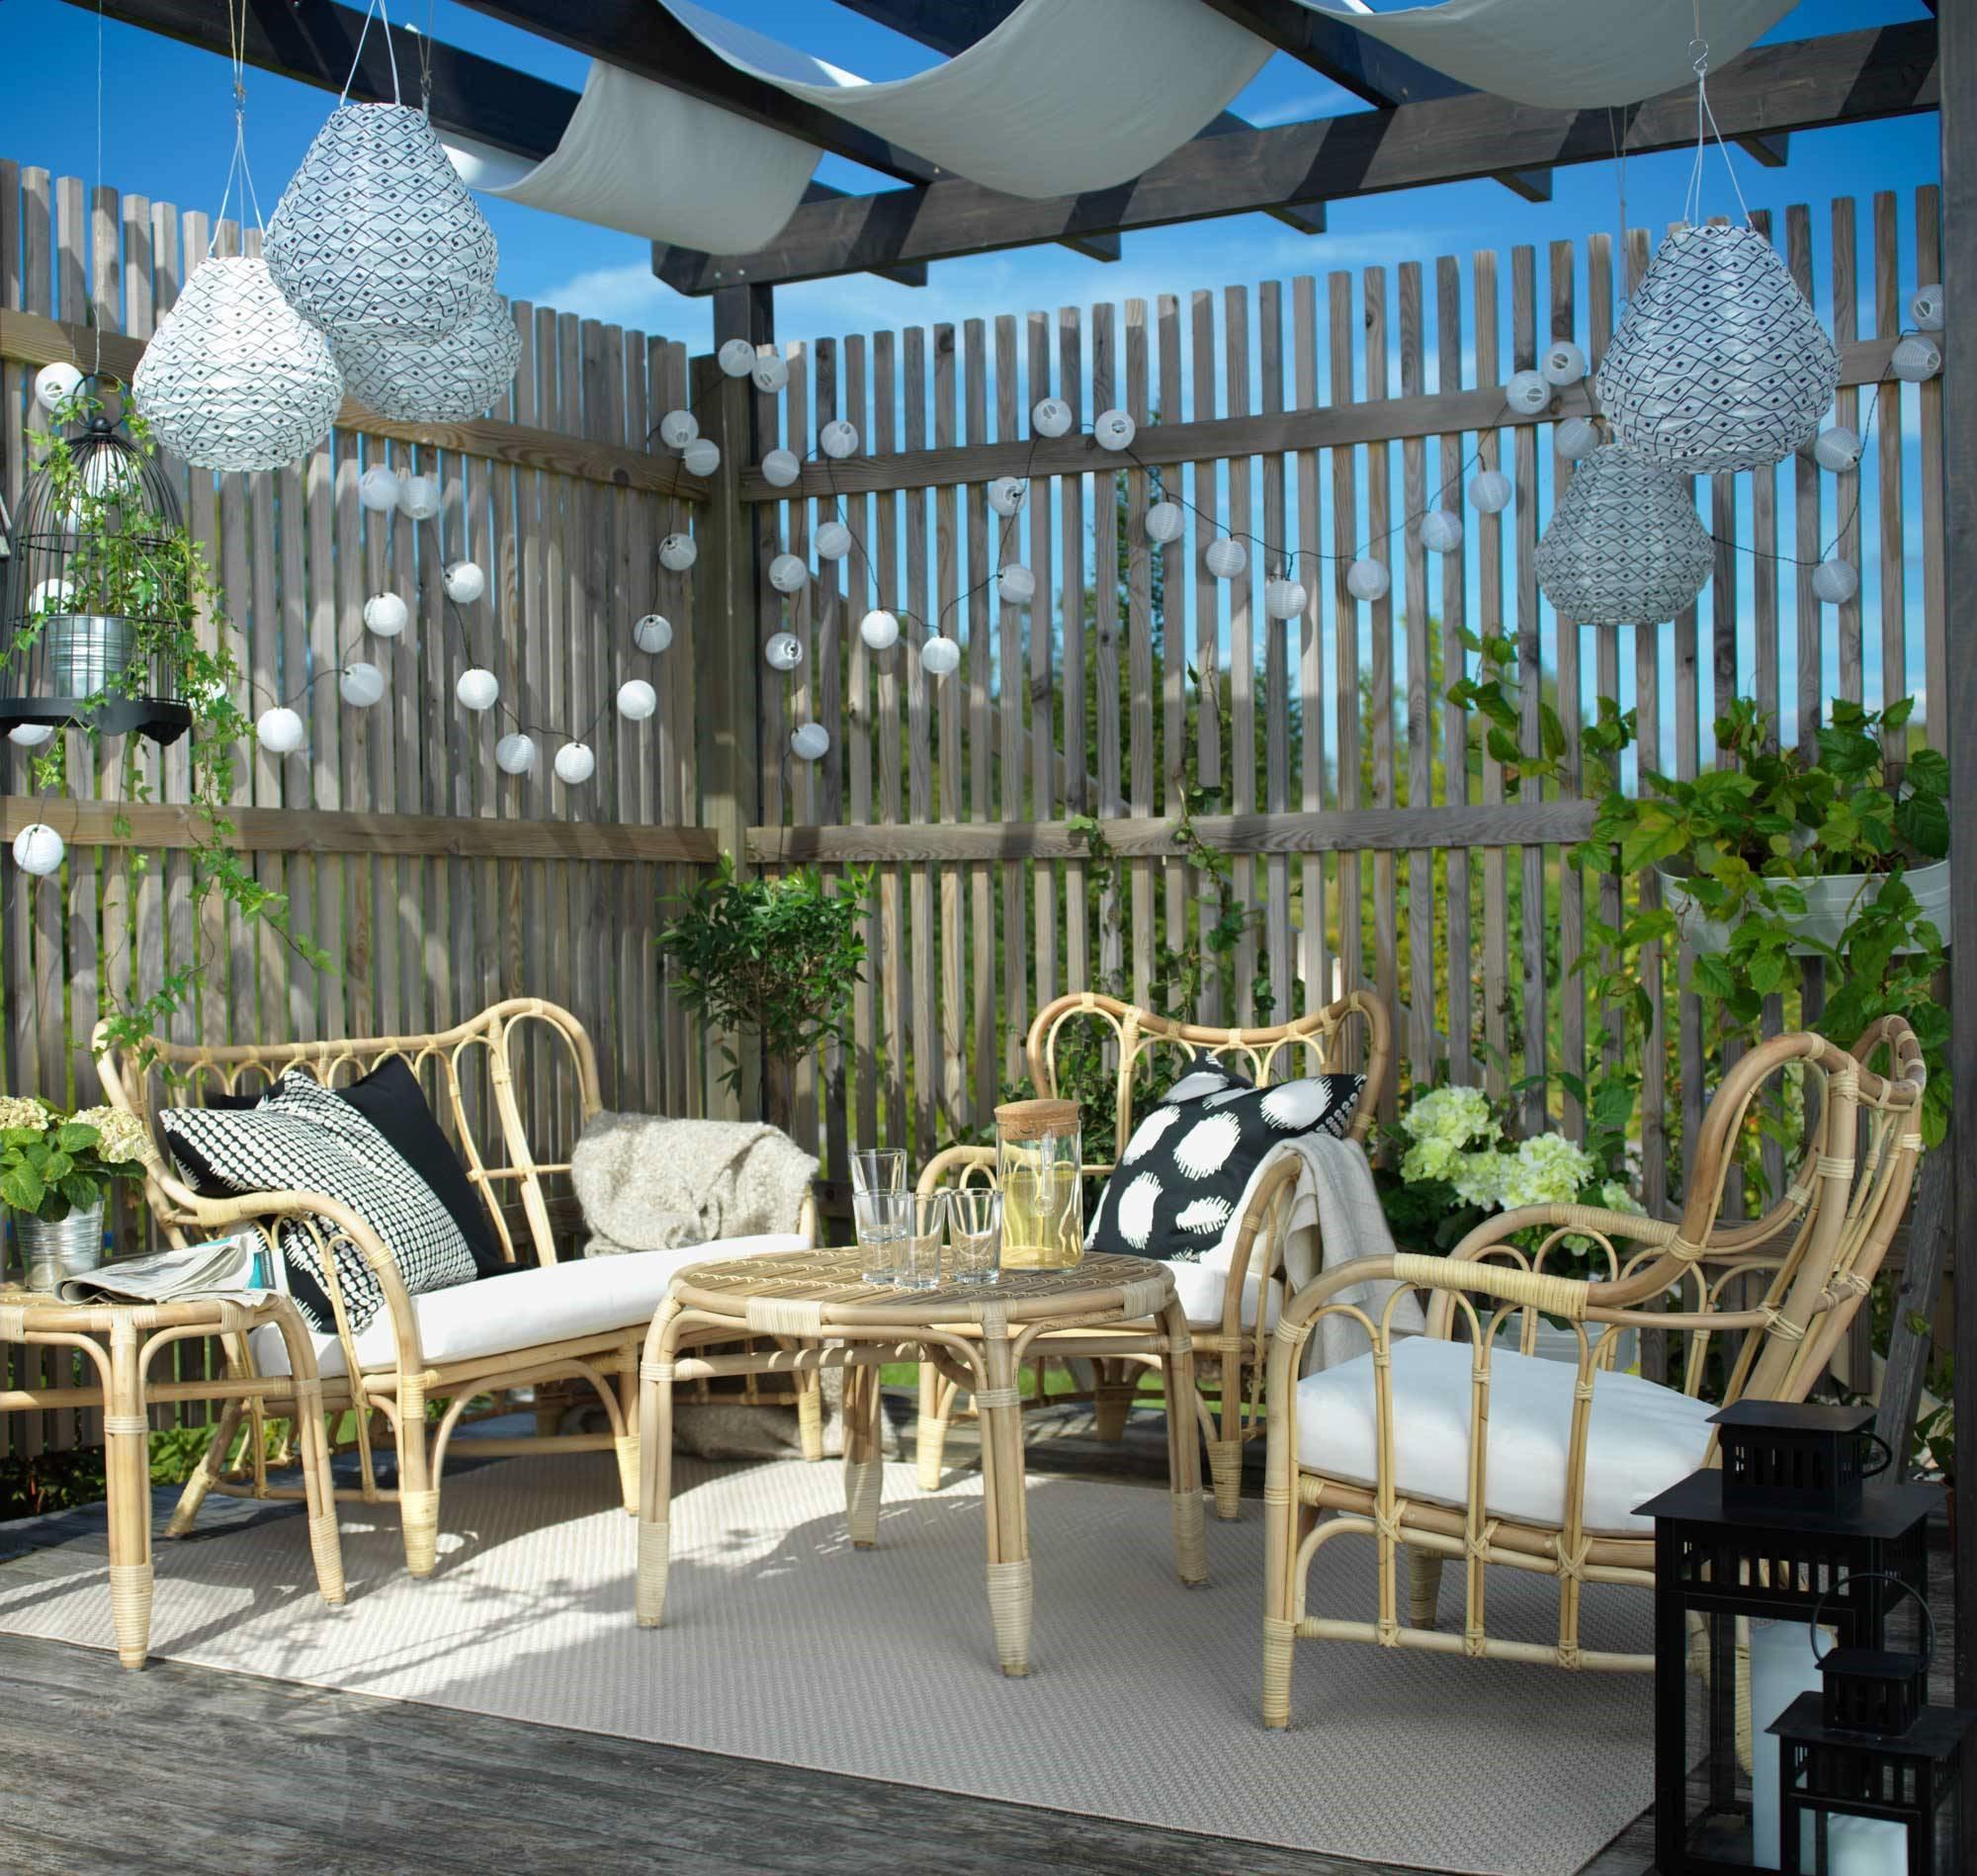 L'idée d'une tente dans le salon d'un jardin avec des meubles Ikea